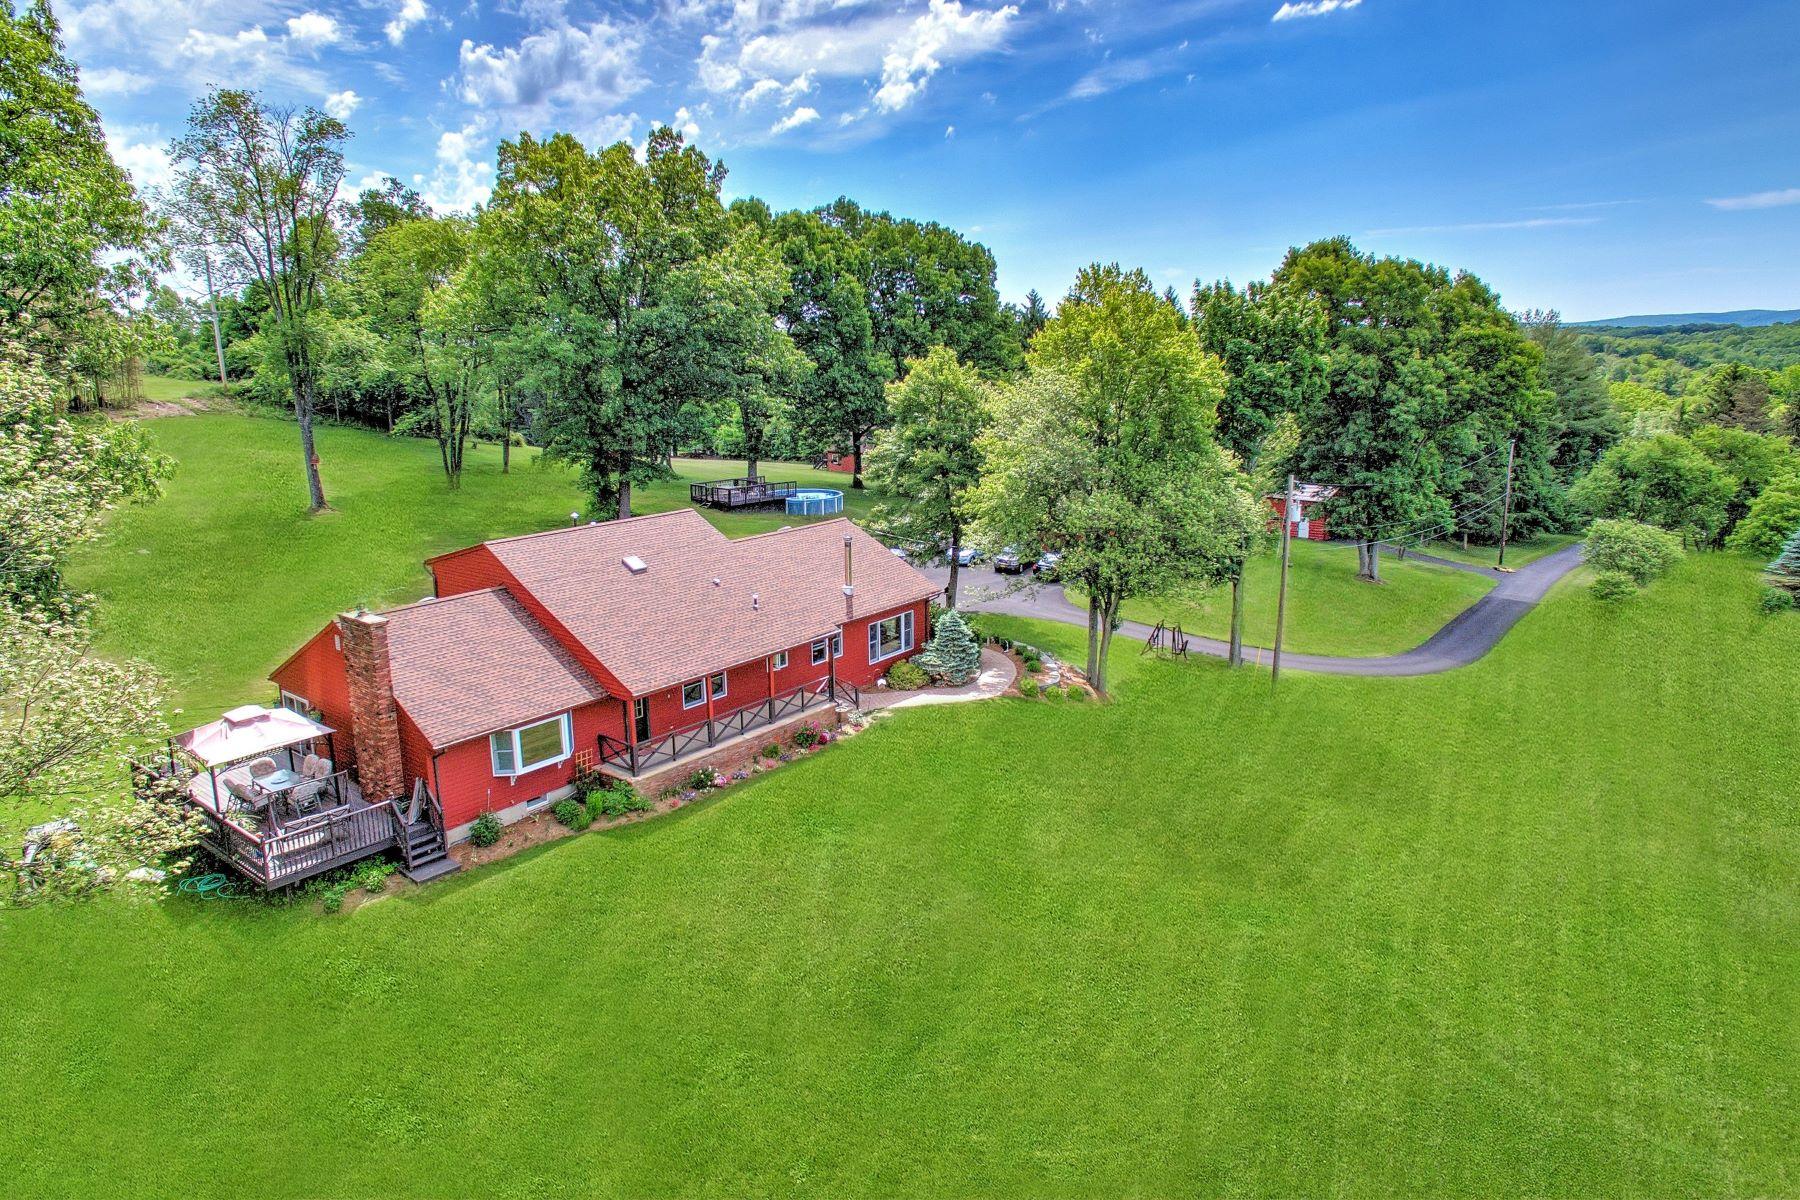 Casa Unifamiliar por un Venta en Gorgeous 11 Acres Setting 3 Pine Dr Warwick, Nueva York 10990 Estados Unidos